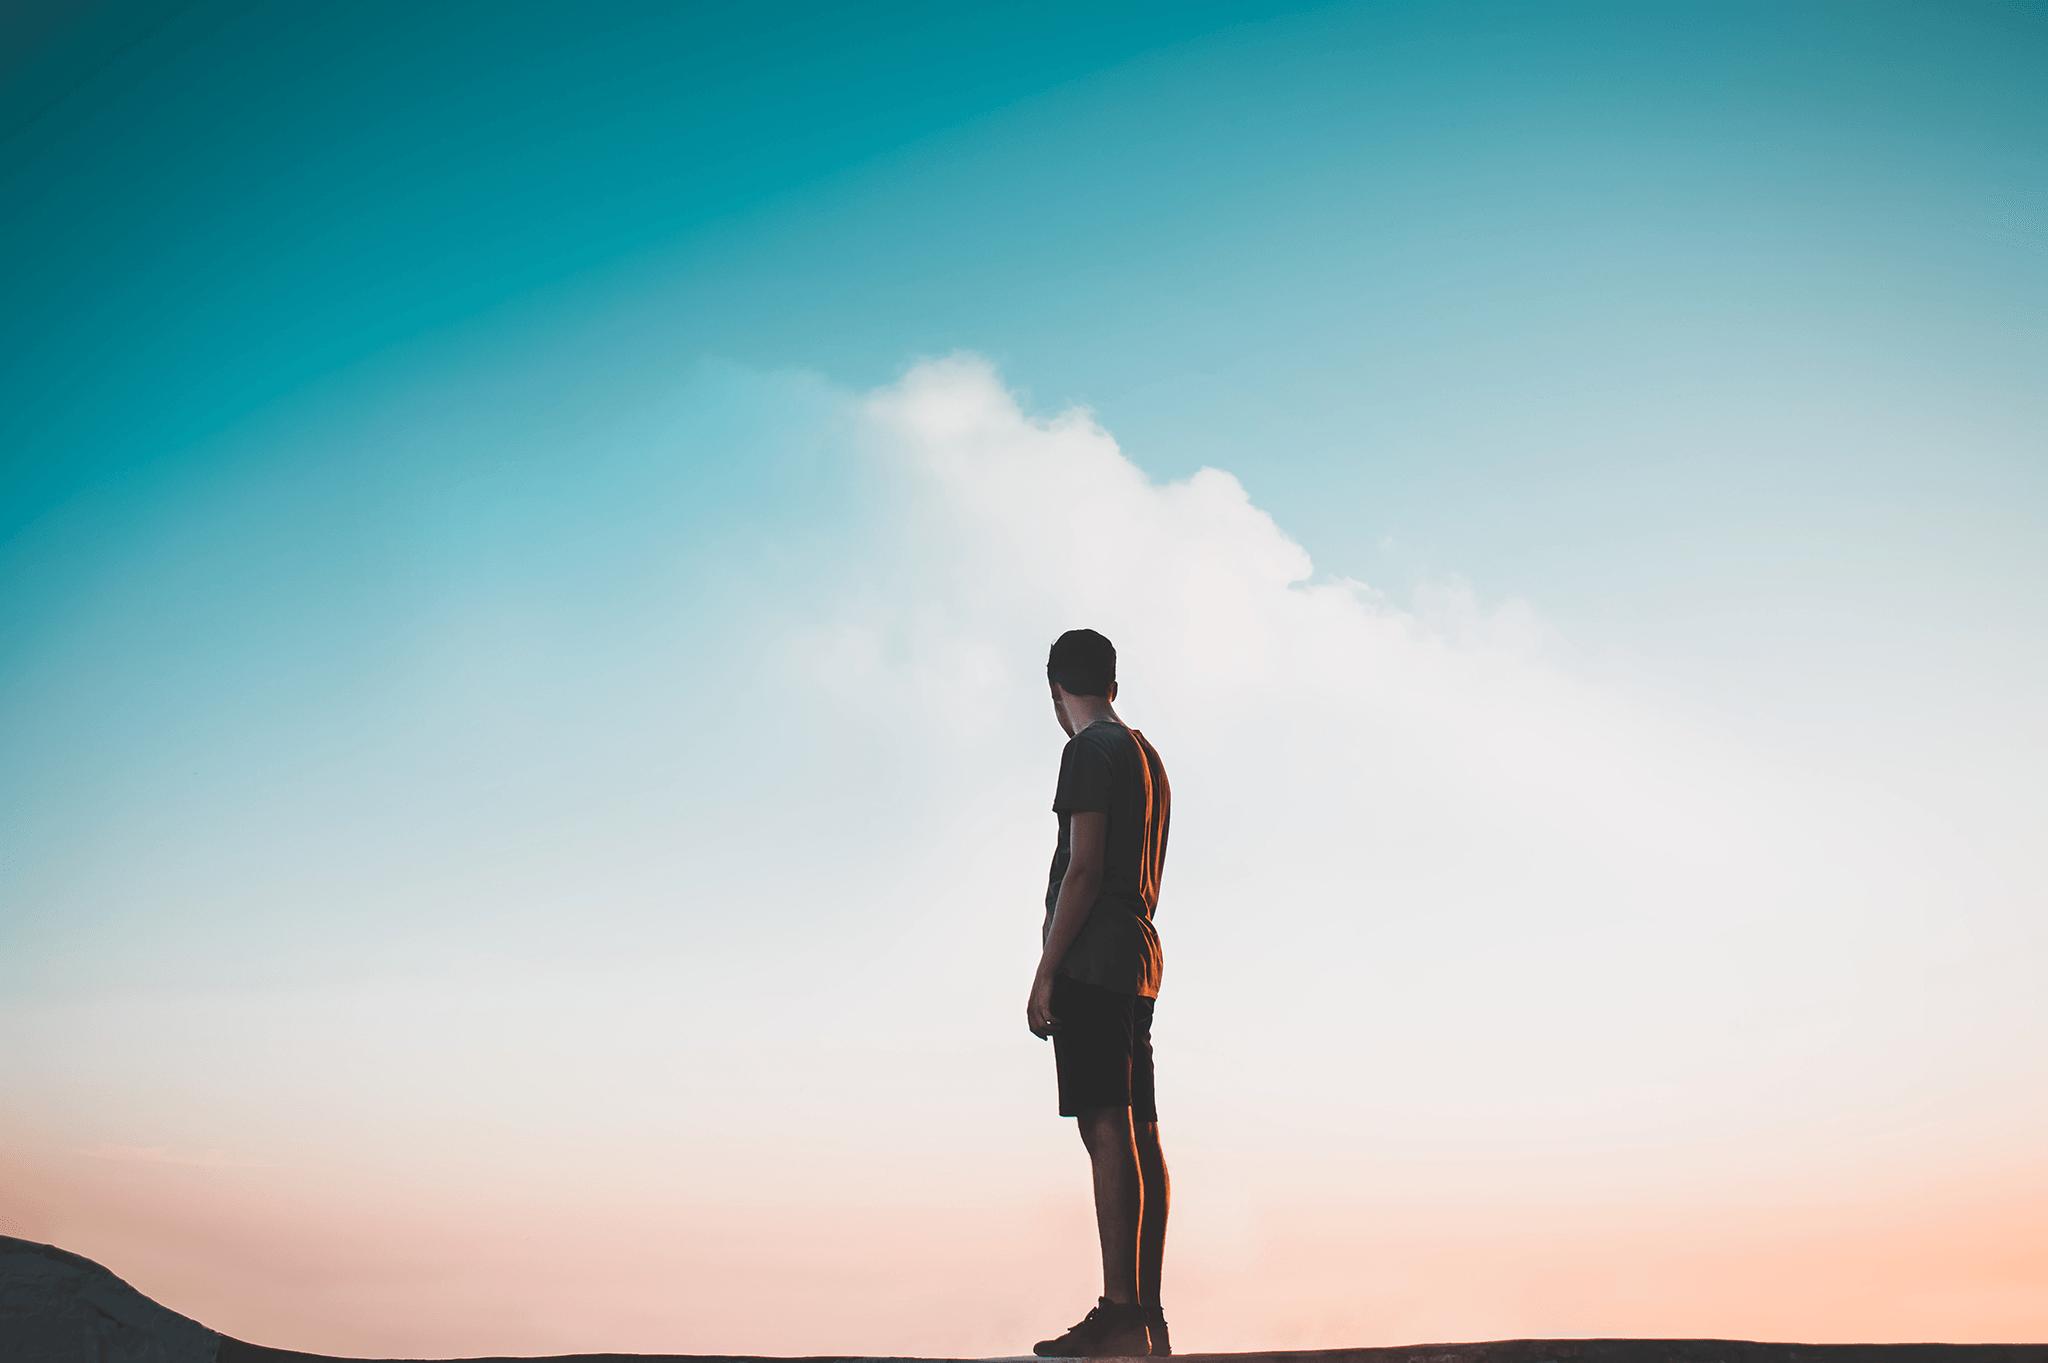 Man staring at sky